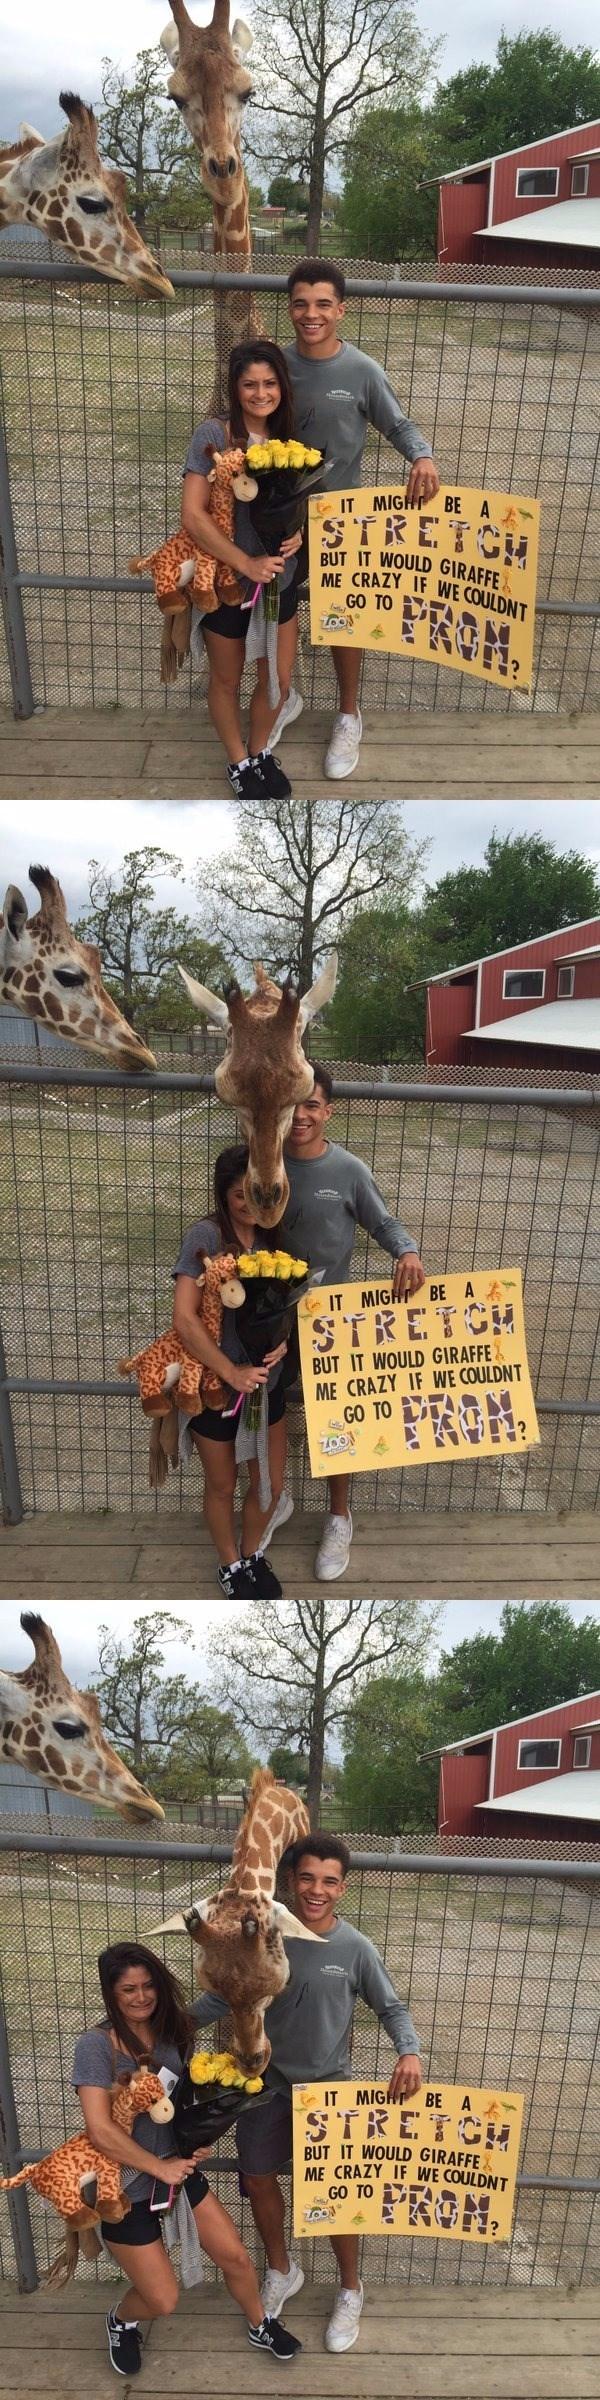 giraffe interrupts prom posal